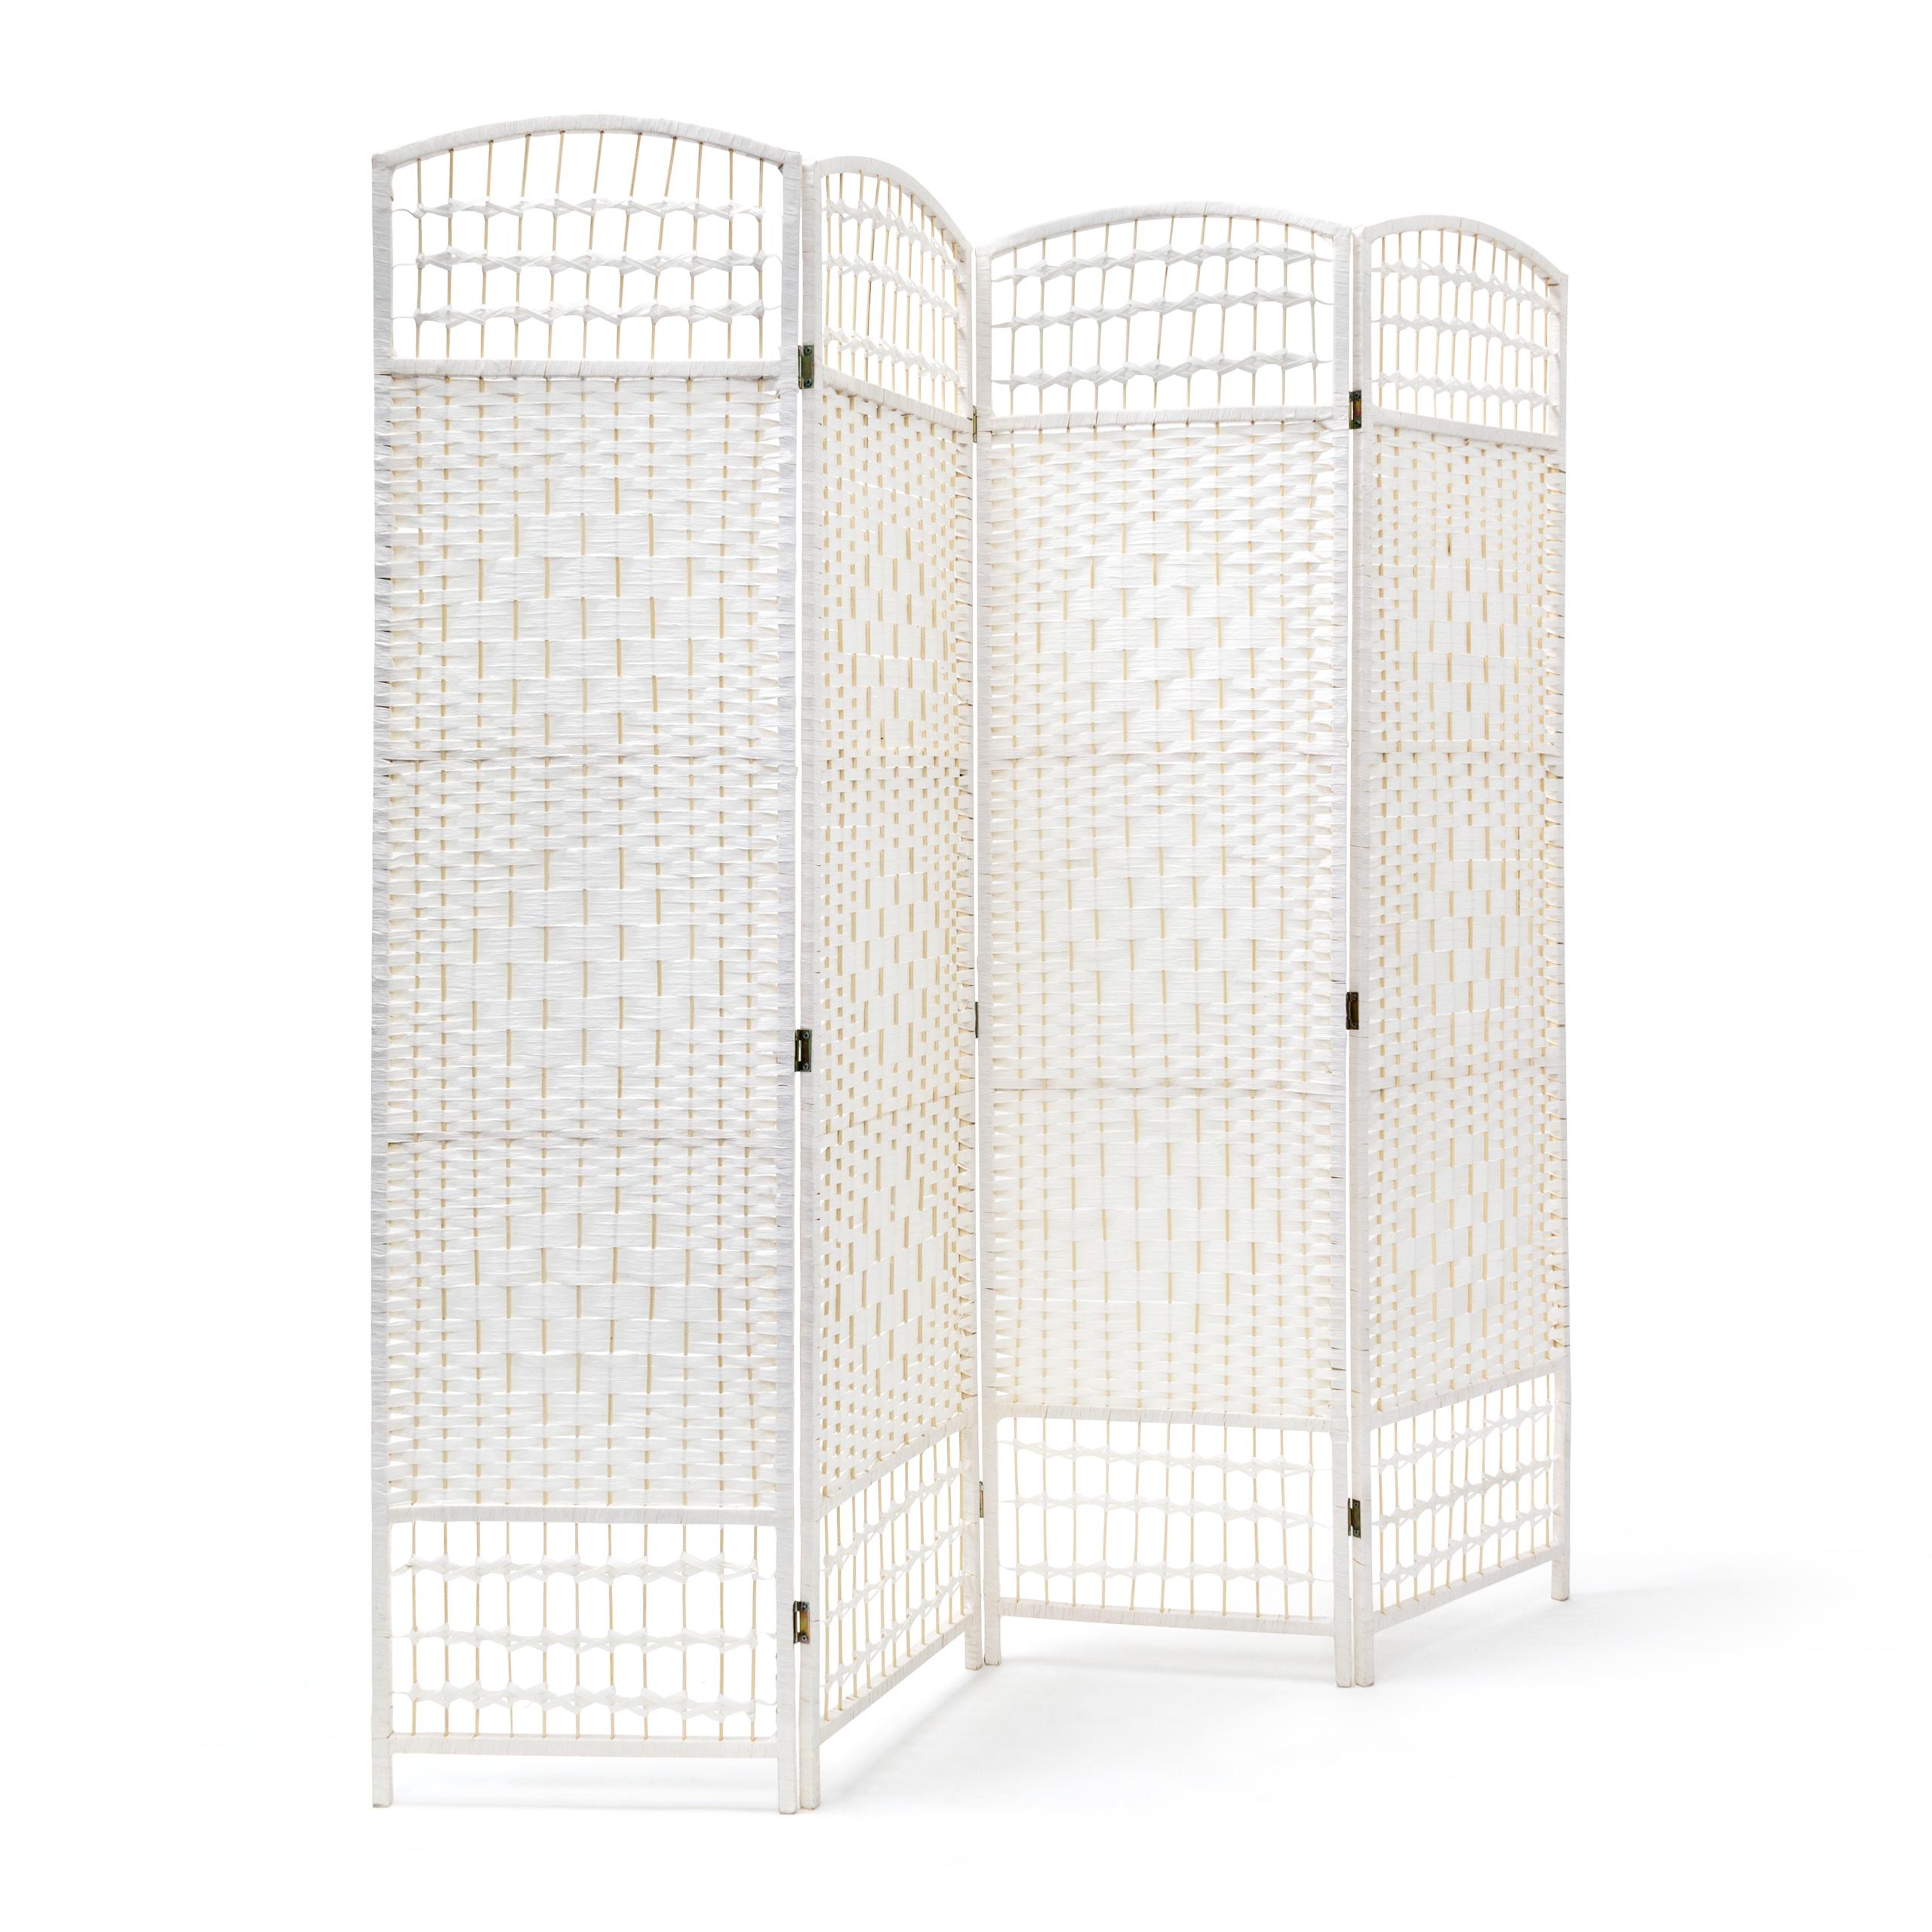 Paravent-4-teilig-Sichtschutz-Raumteiler-Trennwand-Raumtrenner-Spanische-Wand